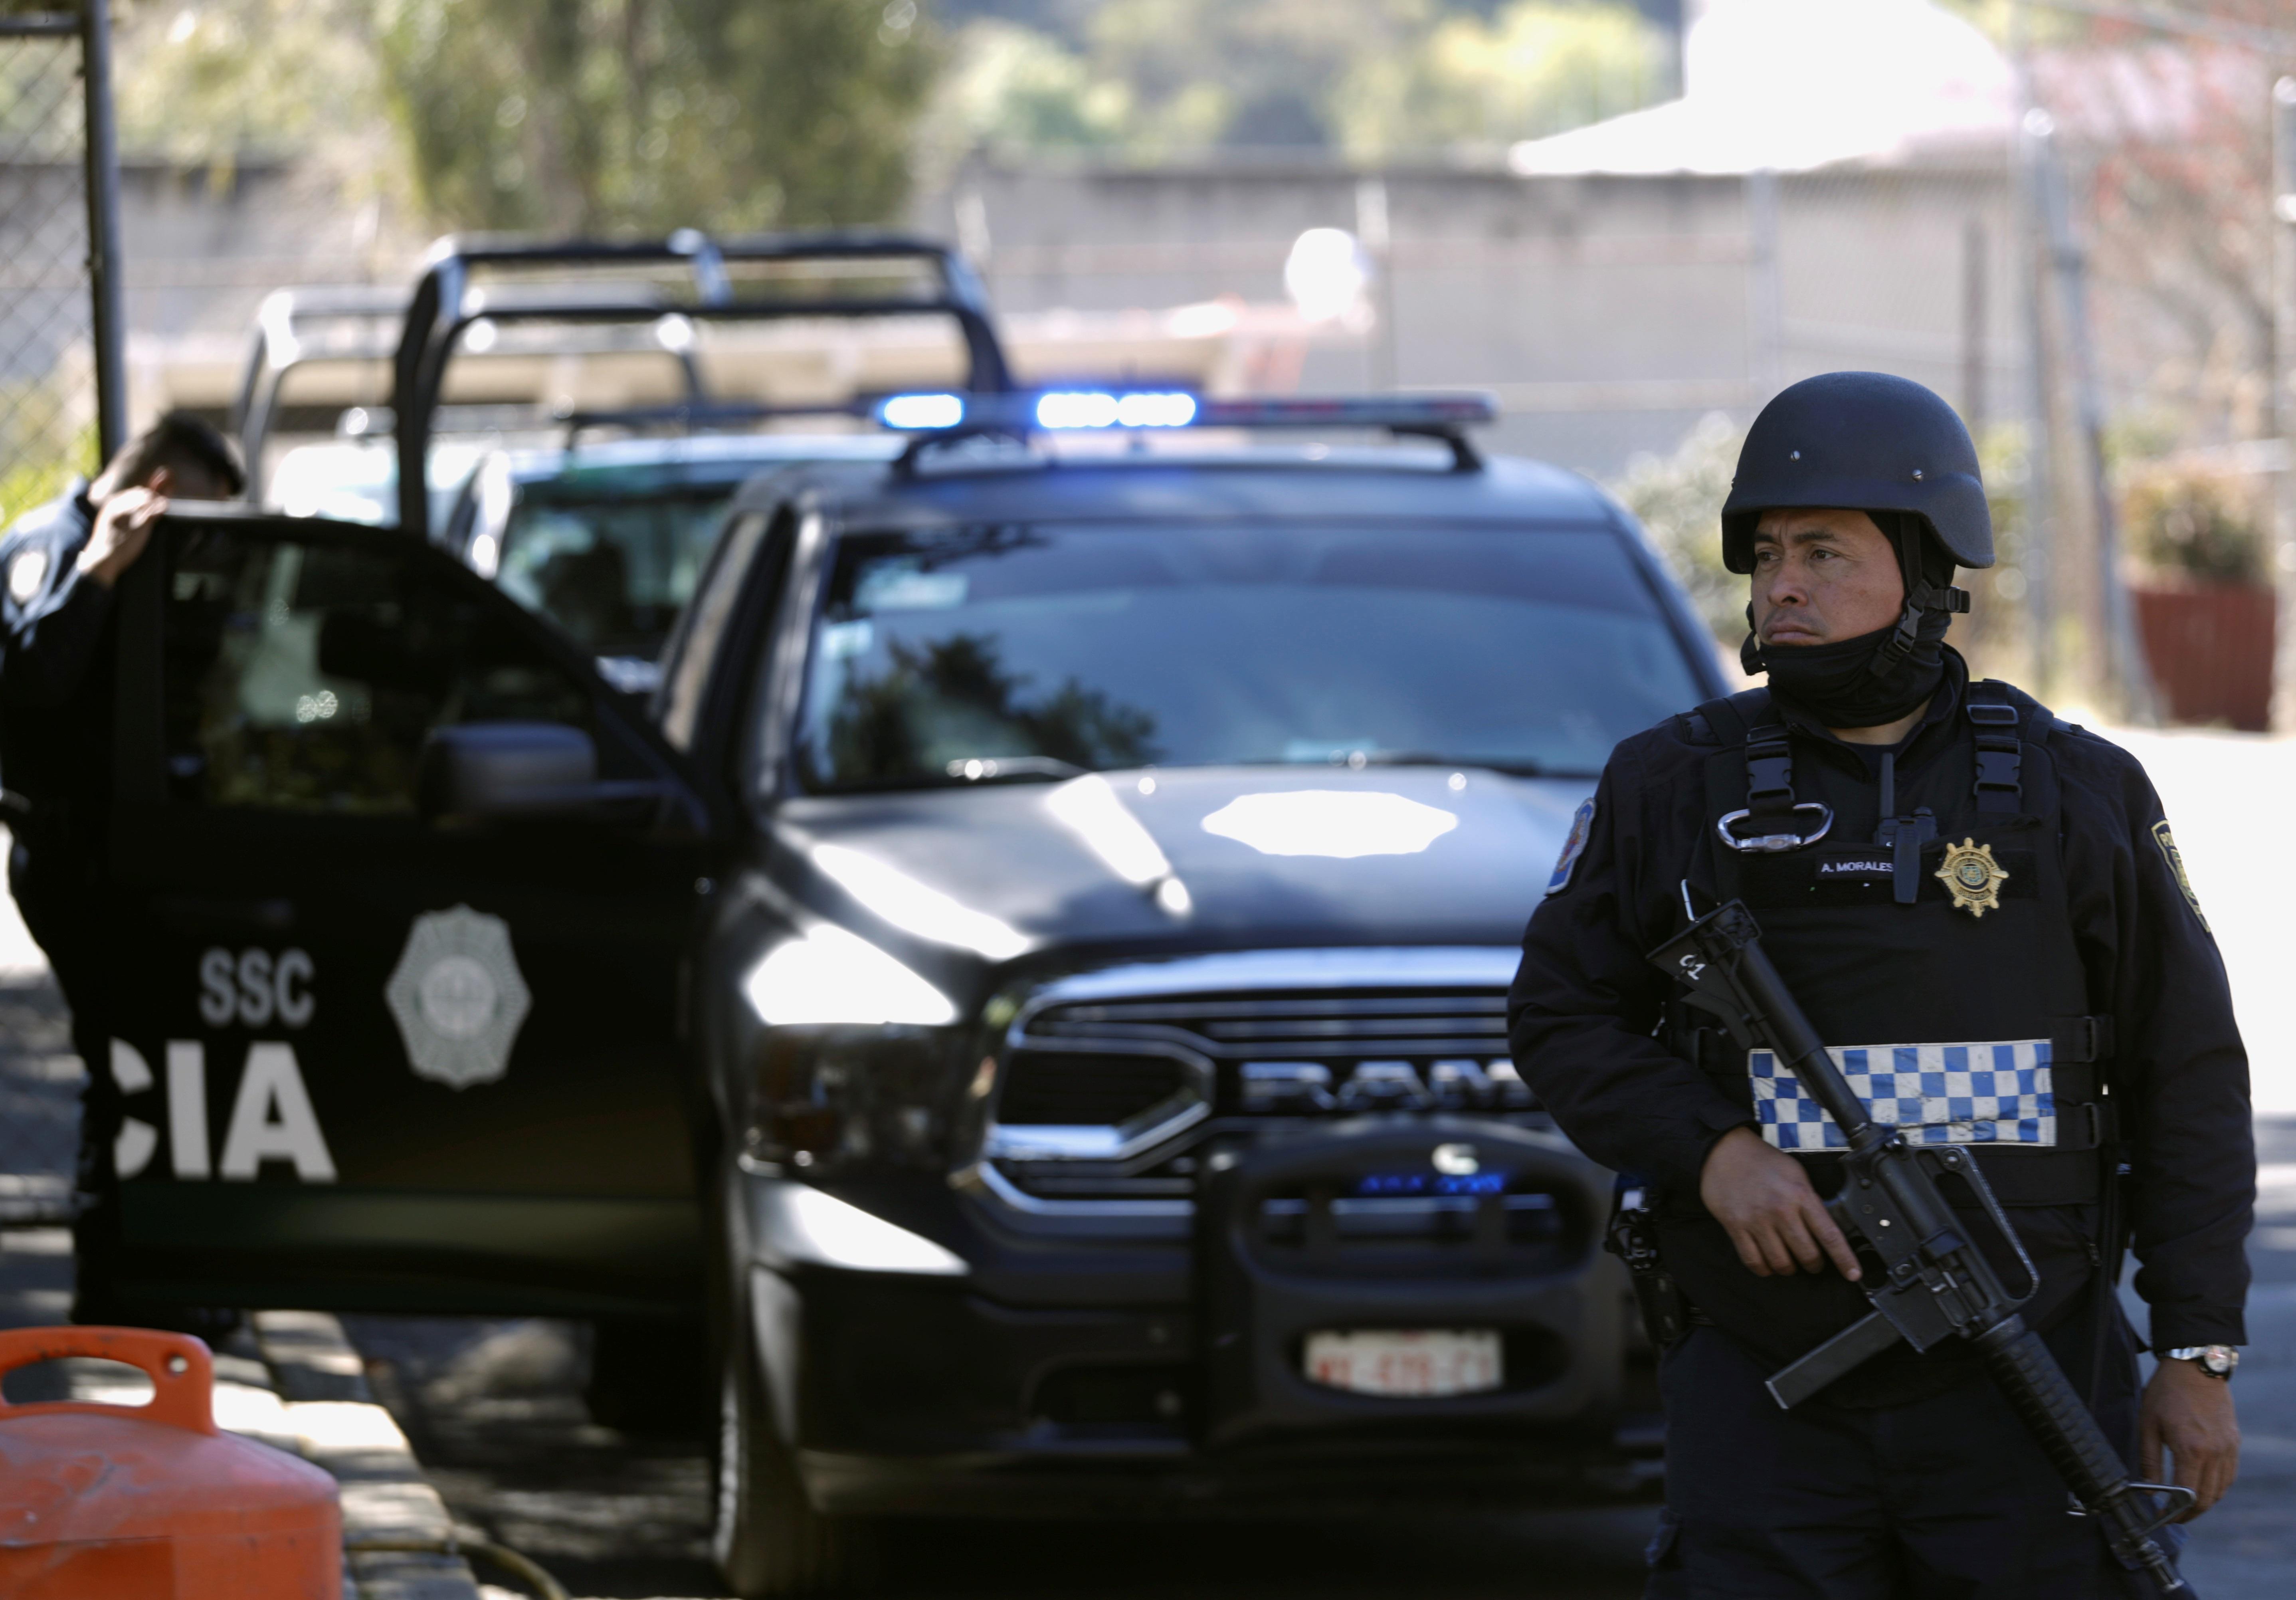 Μεξικό: Ένοπλοι εισέβαλαν σε ξενοδοχείο και απήγαγαν 20 άτομα